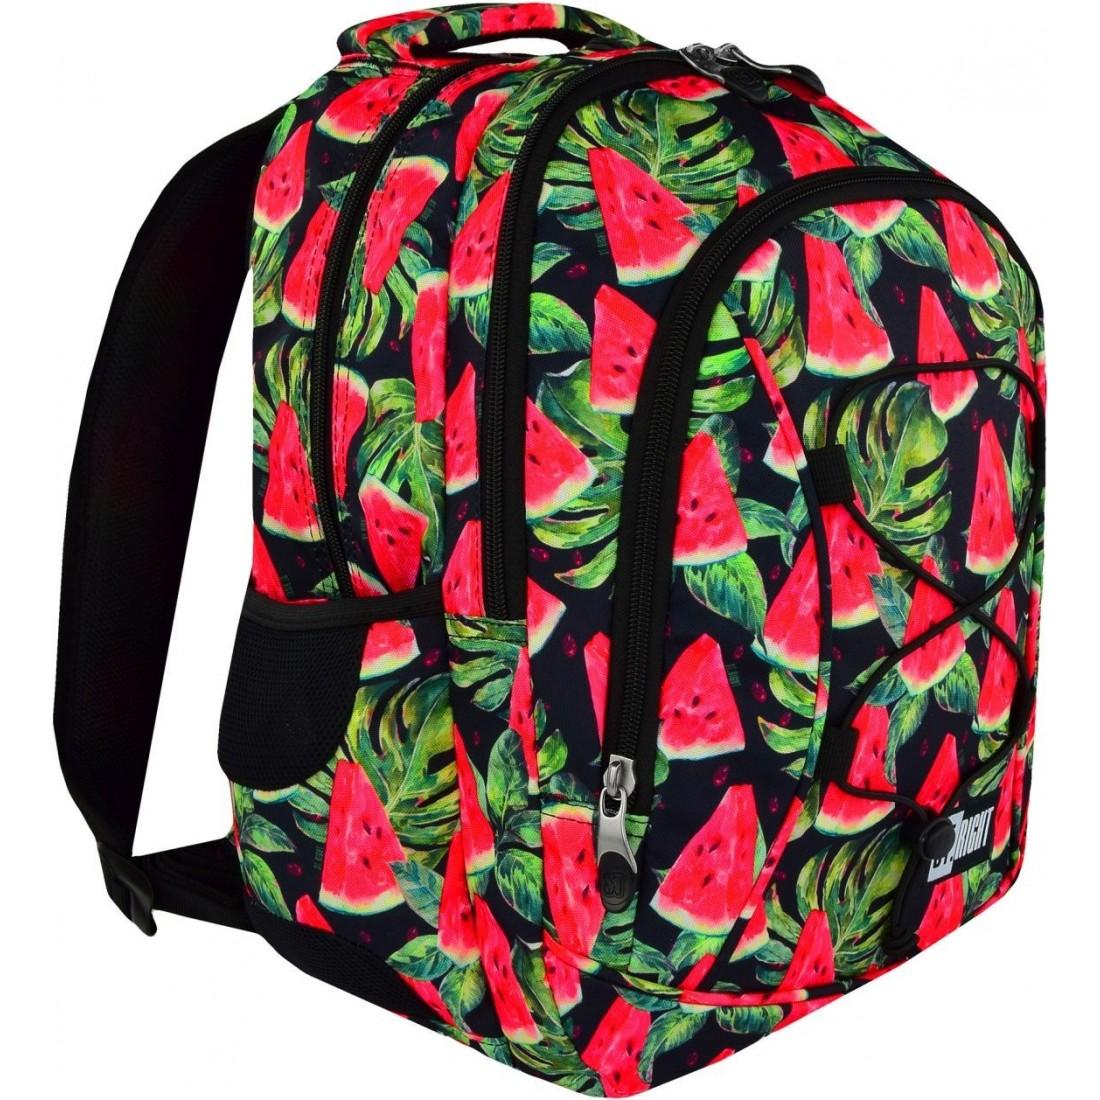 fcad821178b57 Plecak szkolny ST.RIGHT WATERMELON czerwony arbuz dla dziewczyn HIT ...